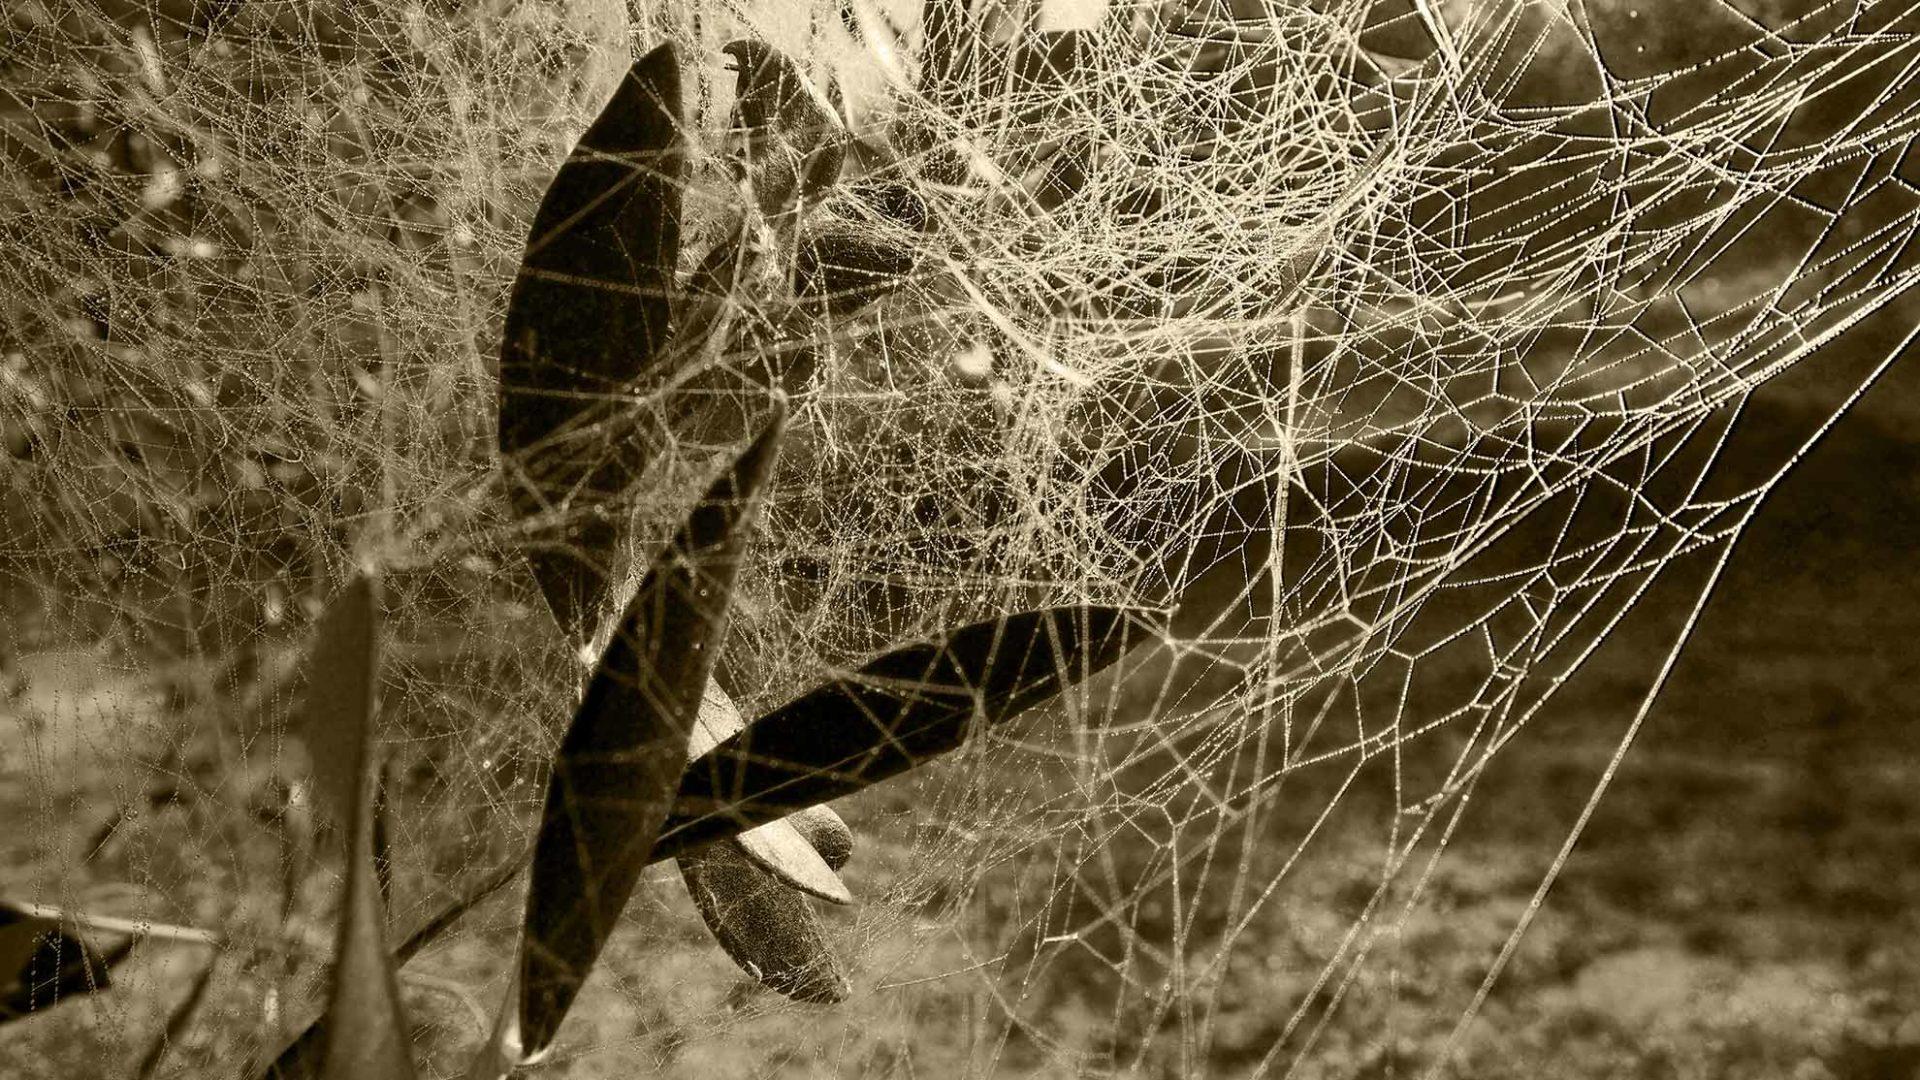 La rugiada bagna la tela del ragno tra le foglie d'olivo